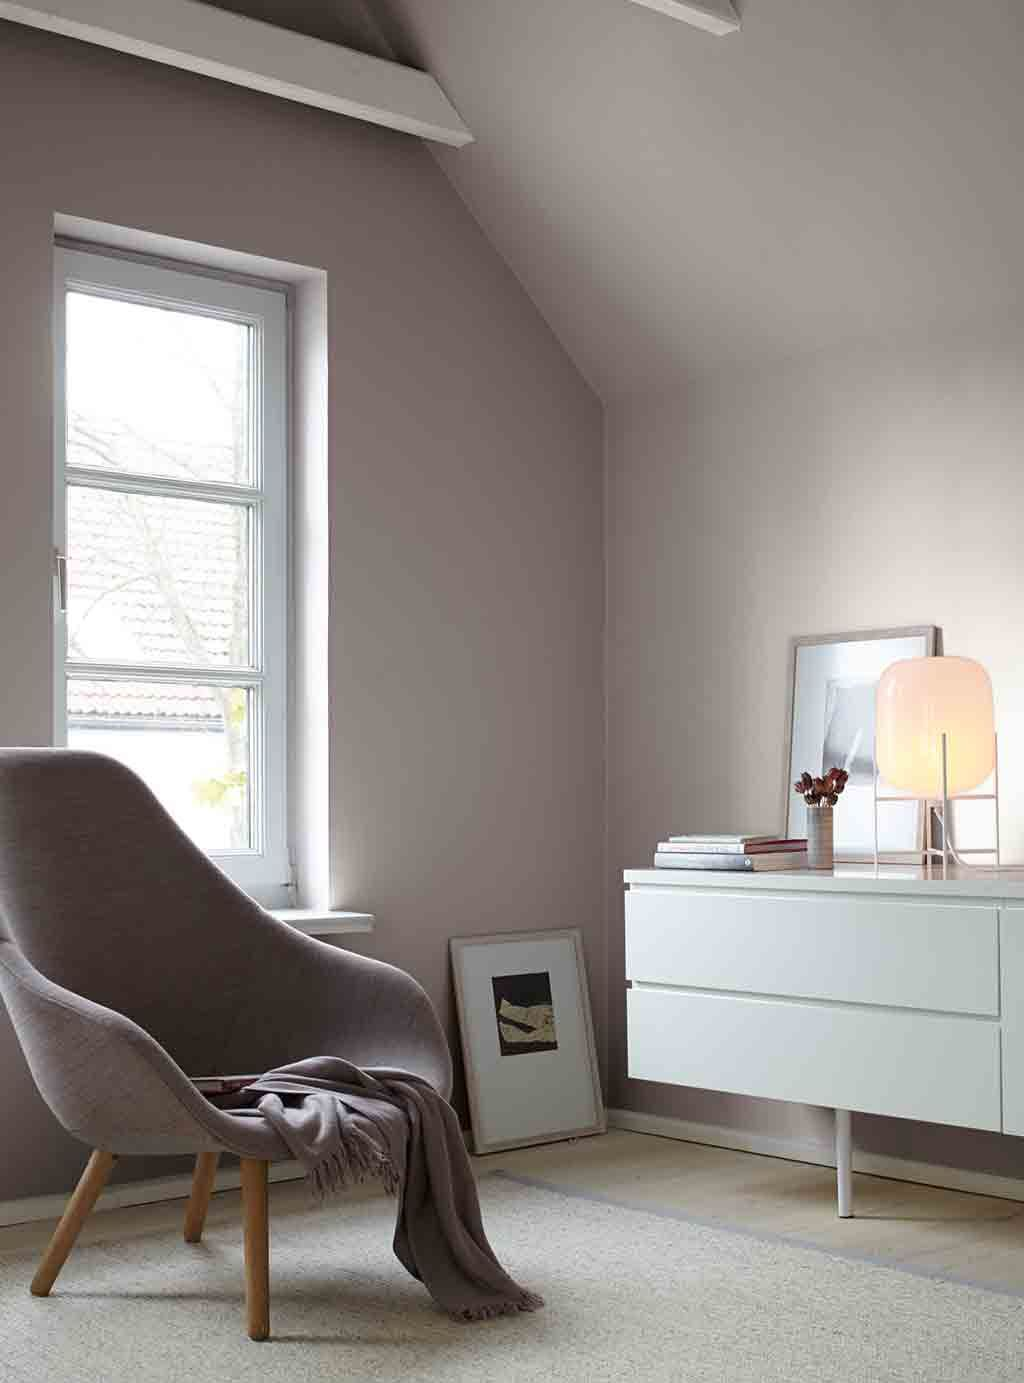 Graue Wand Im Wohnzimmer Alpina Feine Farben No 03 Poesie Der Stille